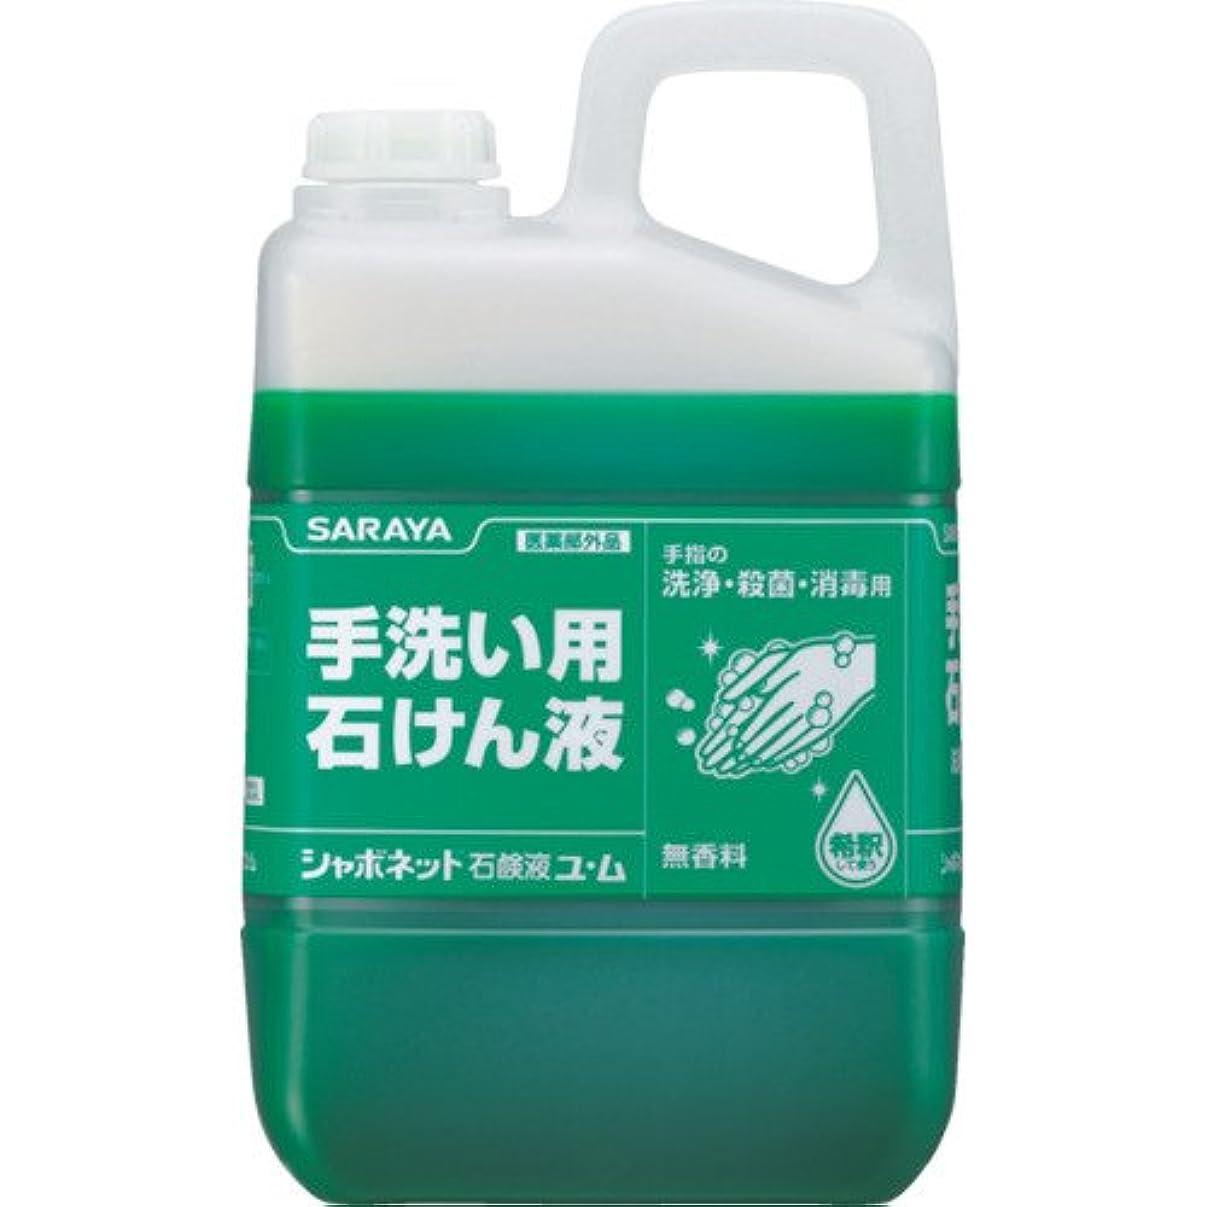 ヘッジ舗装汚染シャボネット石けん液ユム 3Kg